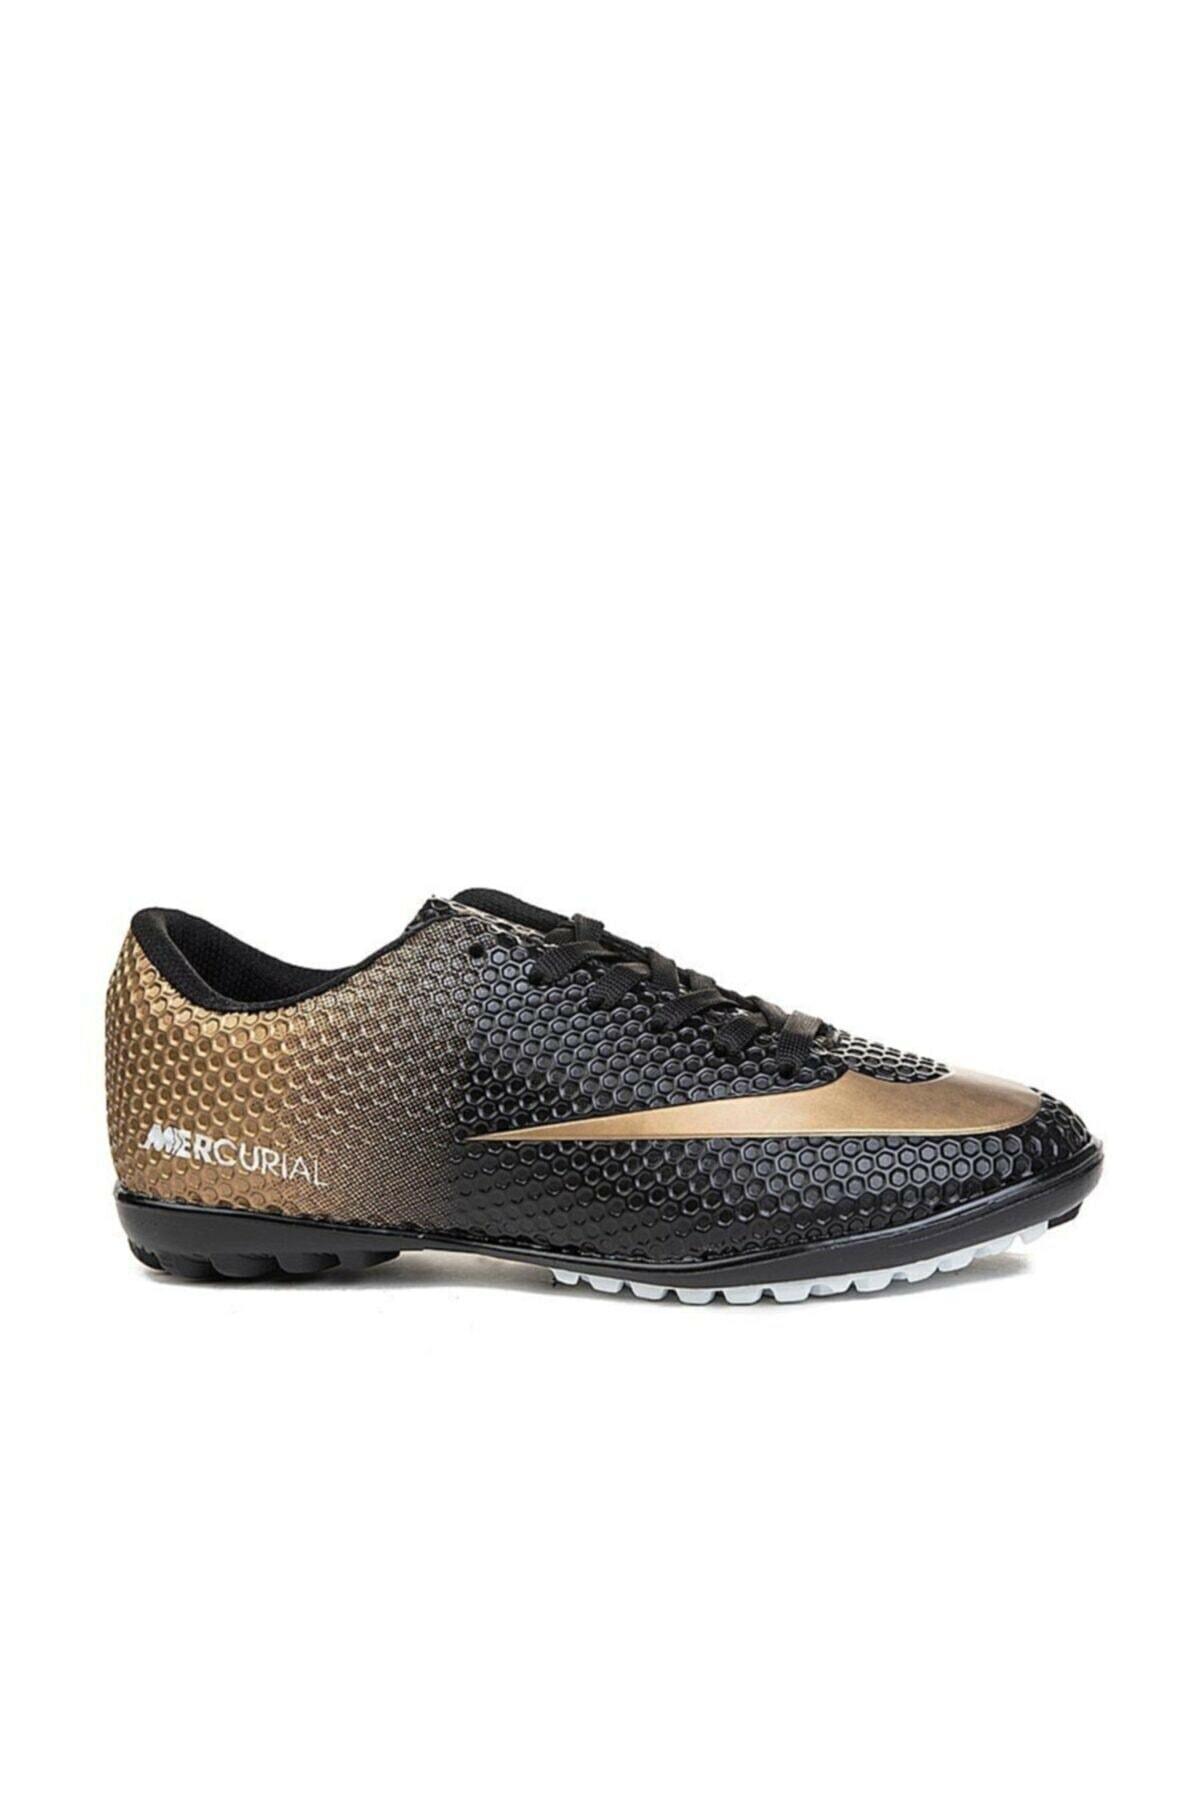 Siyah Altın Yaldız Halı Saha Ayakkabısı